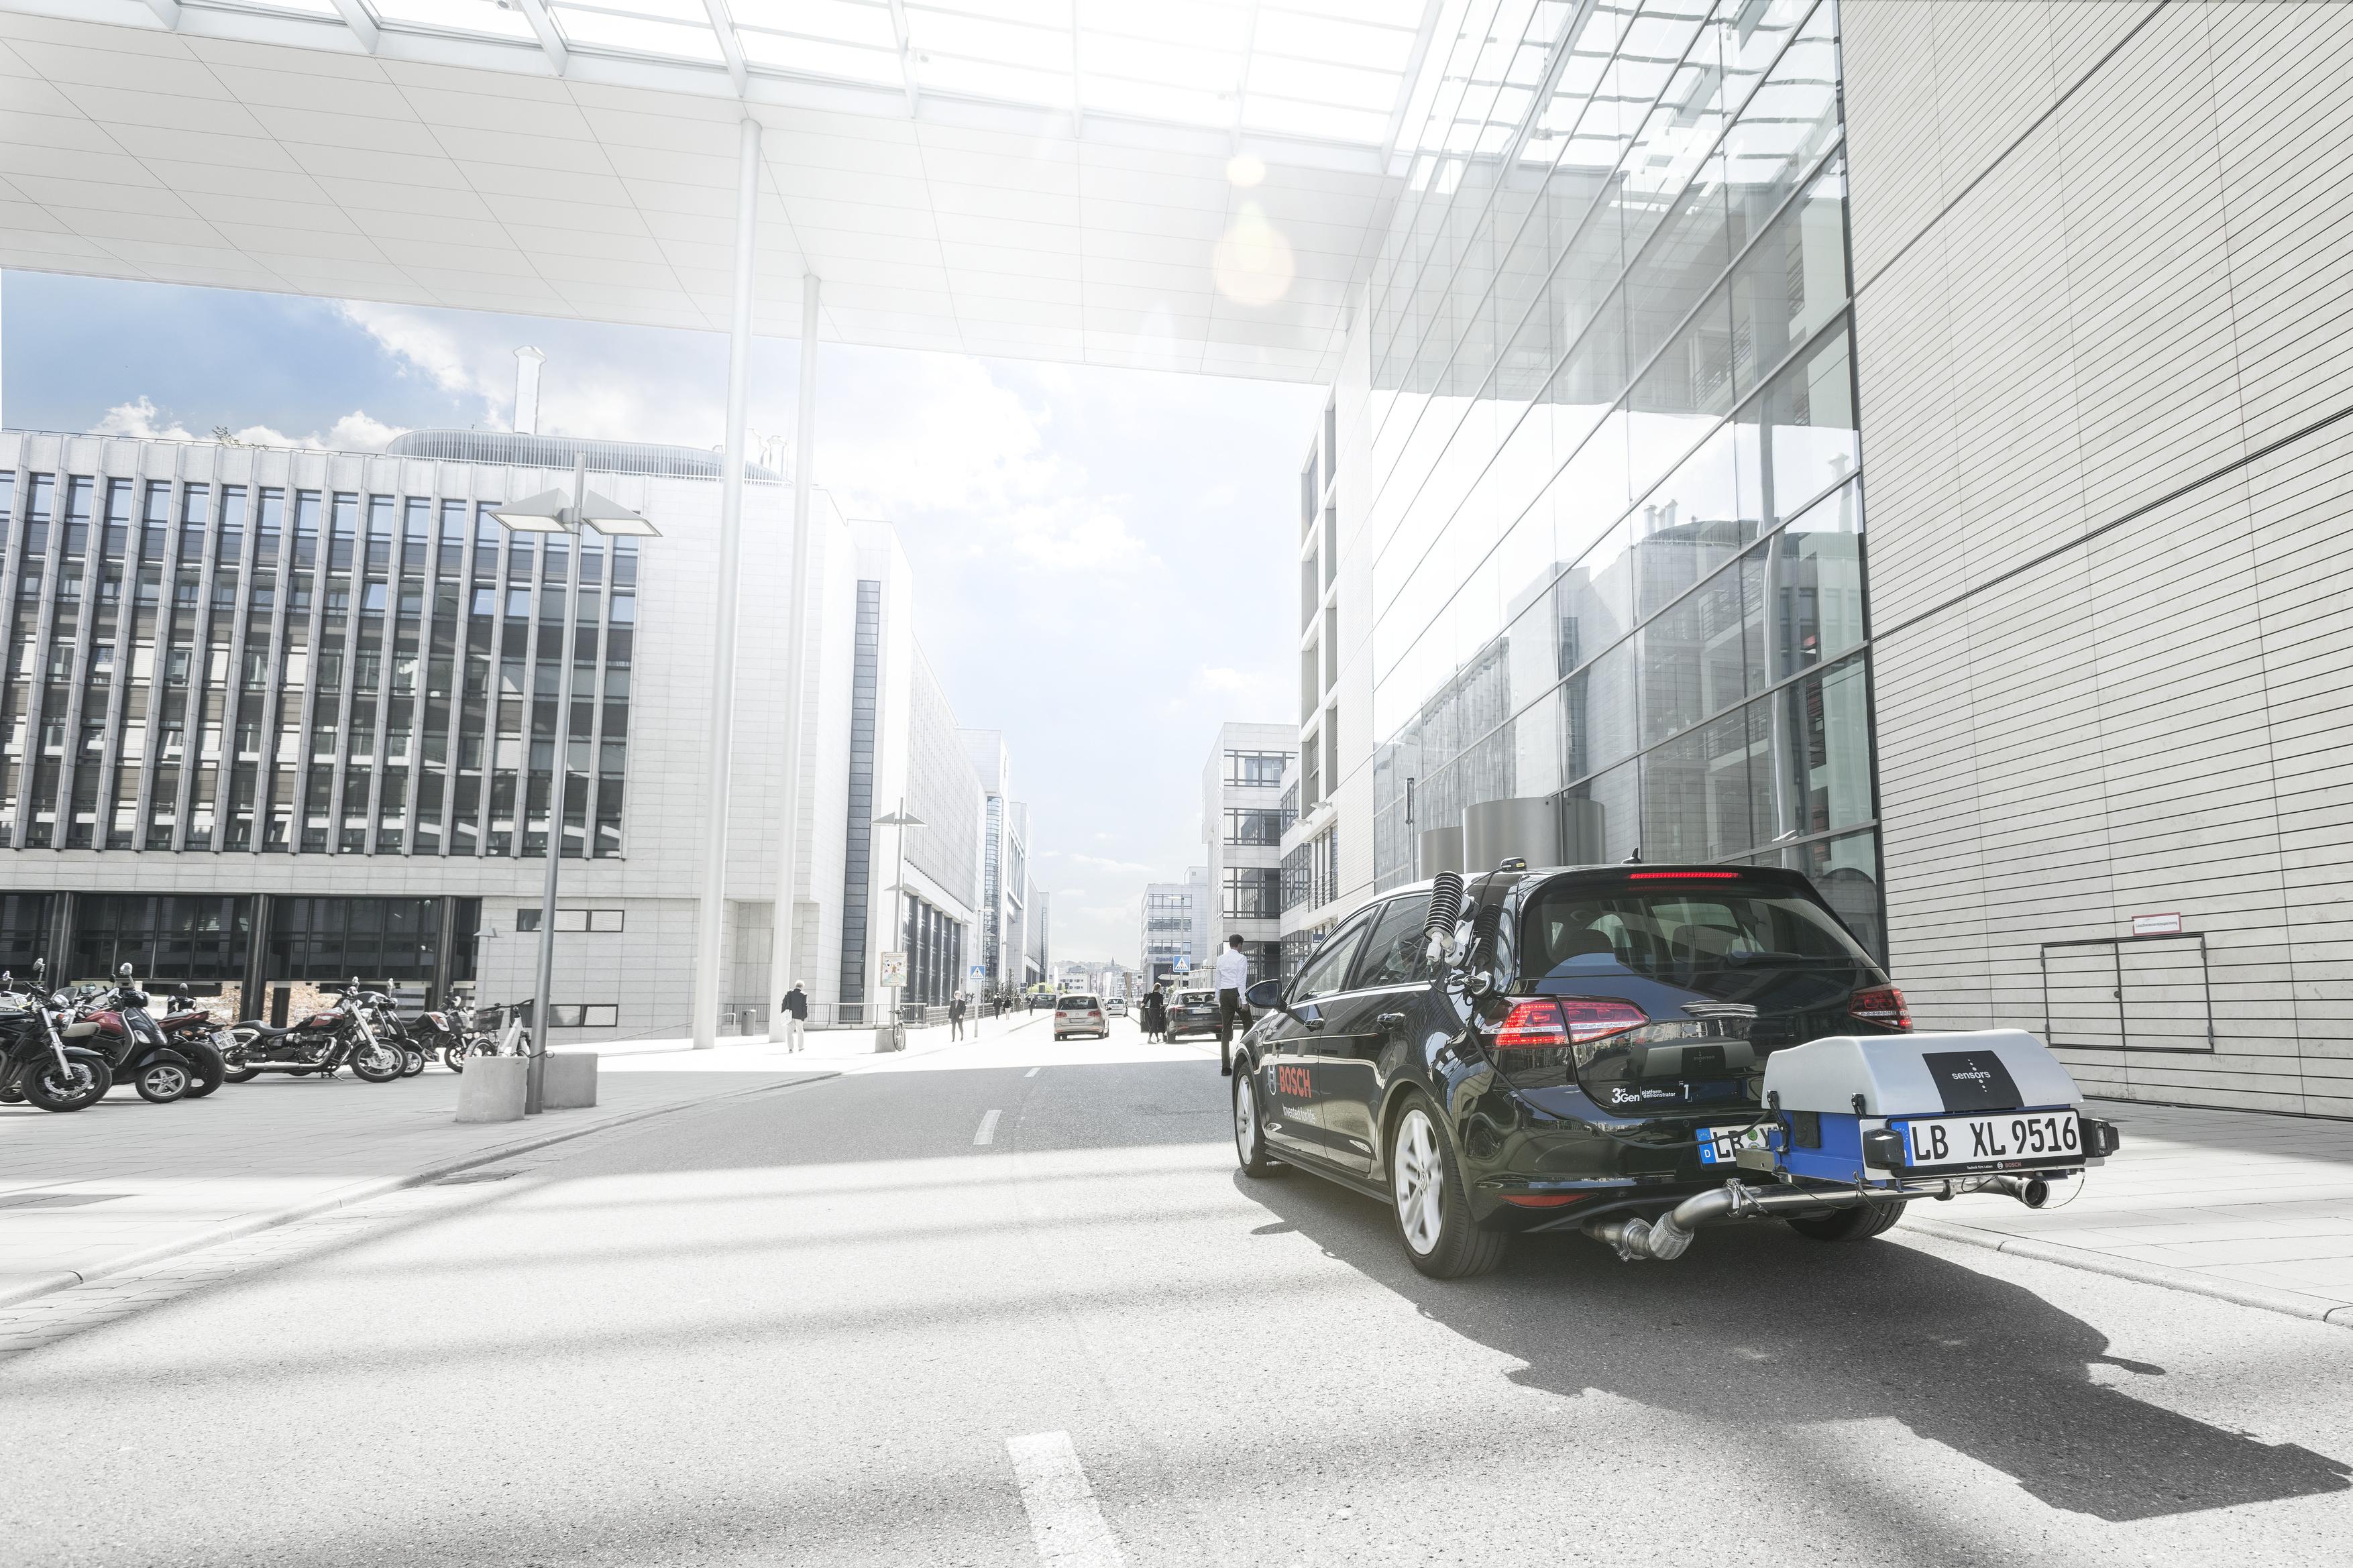 Průlom: Nová dieselová technologie Bosch nabízí řešení problému s oxidy dusíku